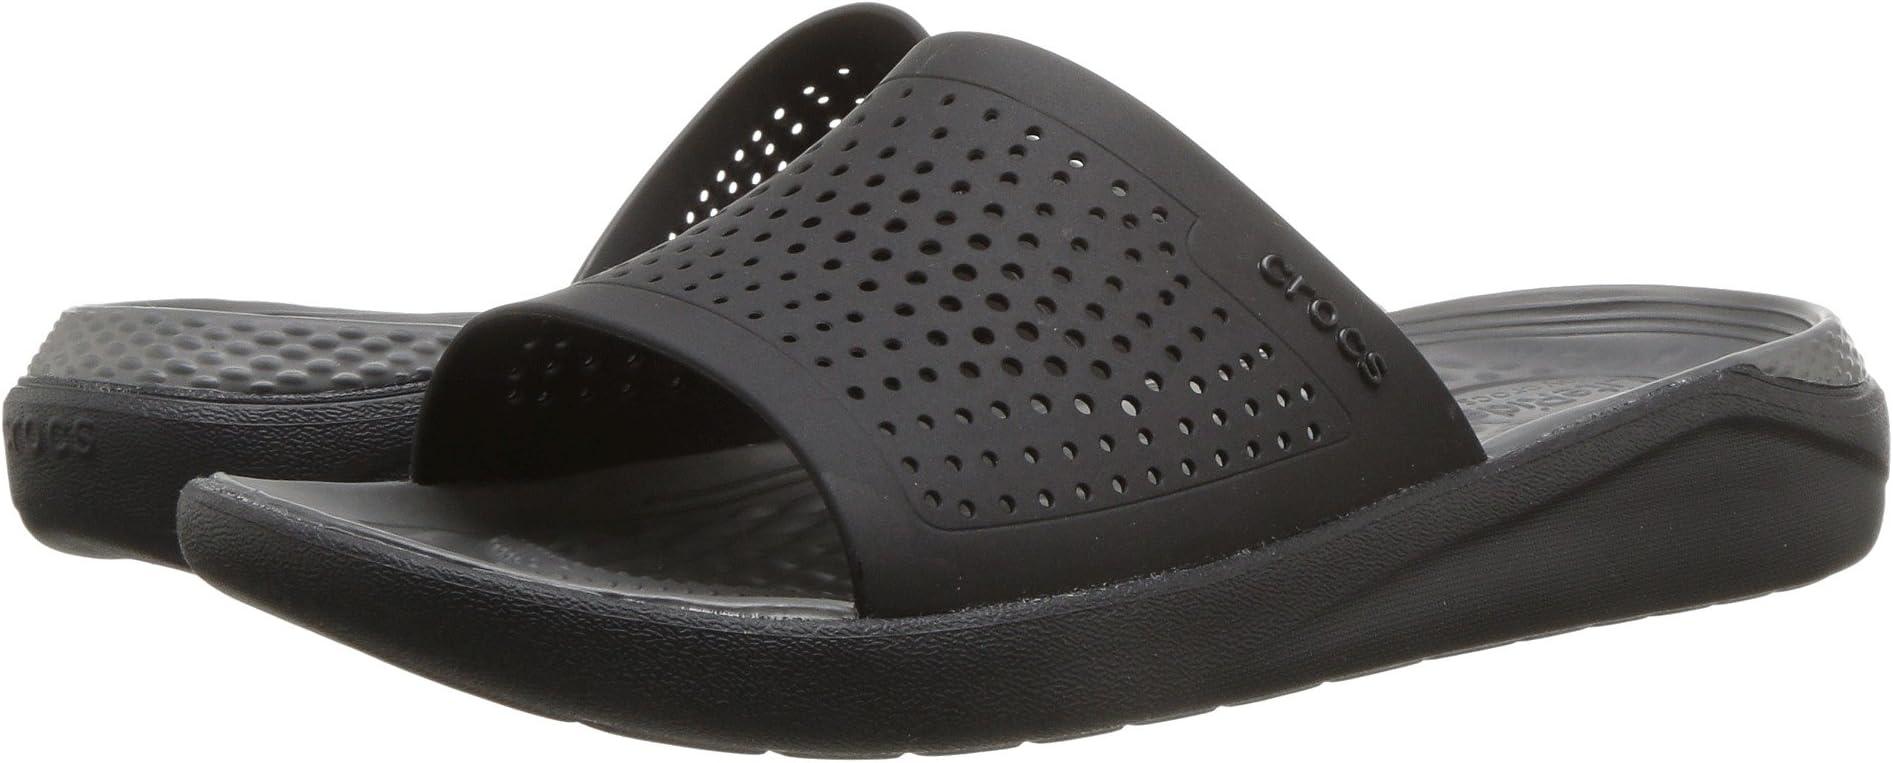 TC-2-Sandals-Crocs-2019-1-2